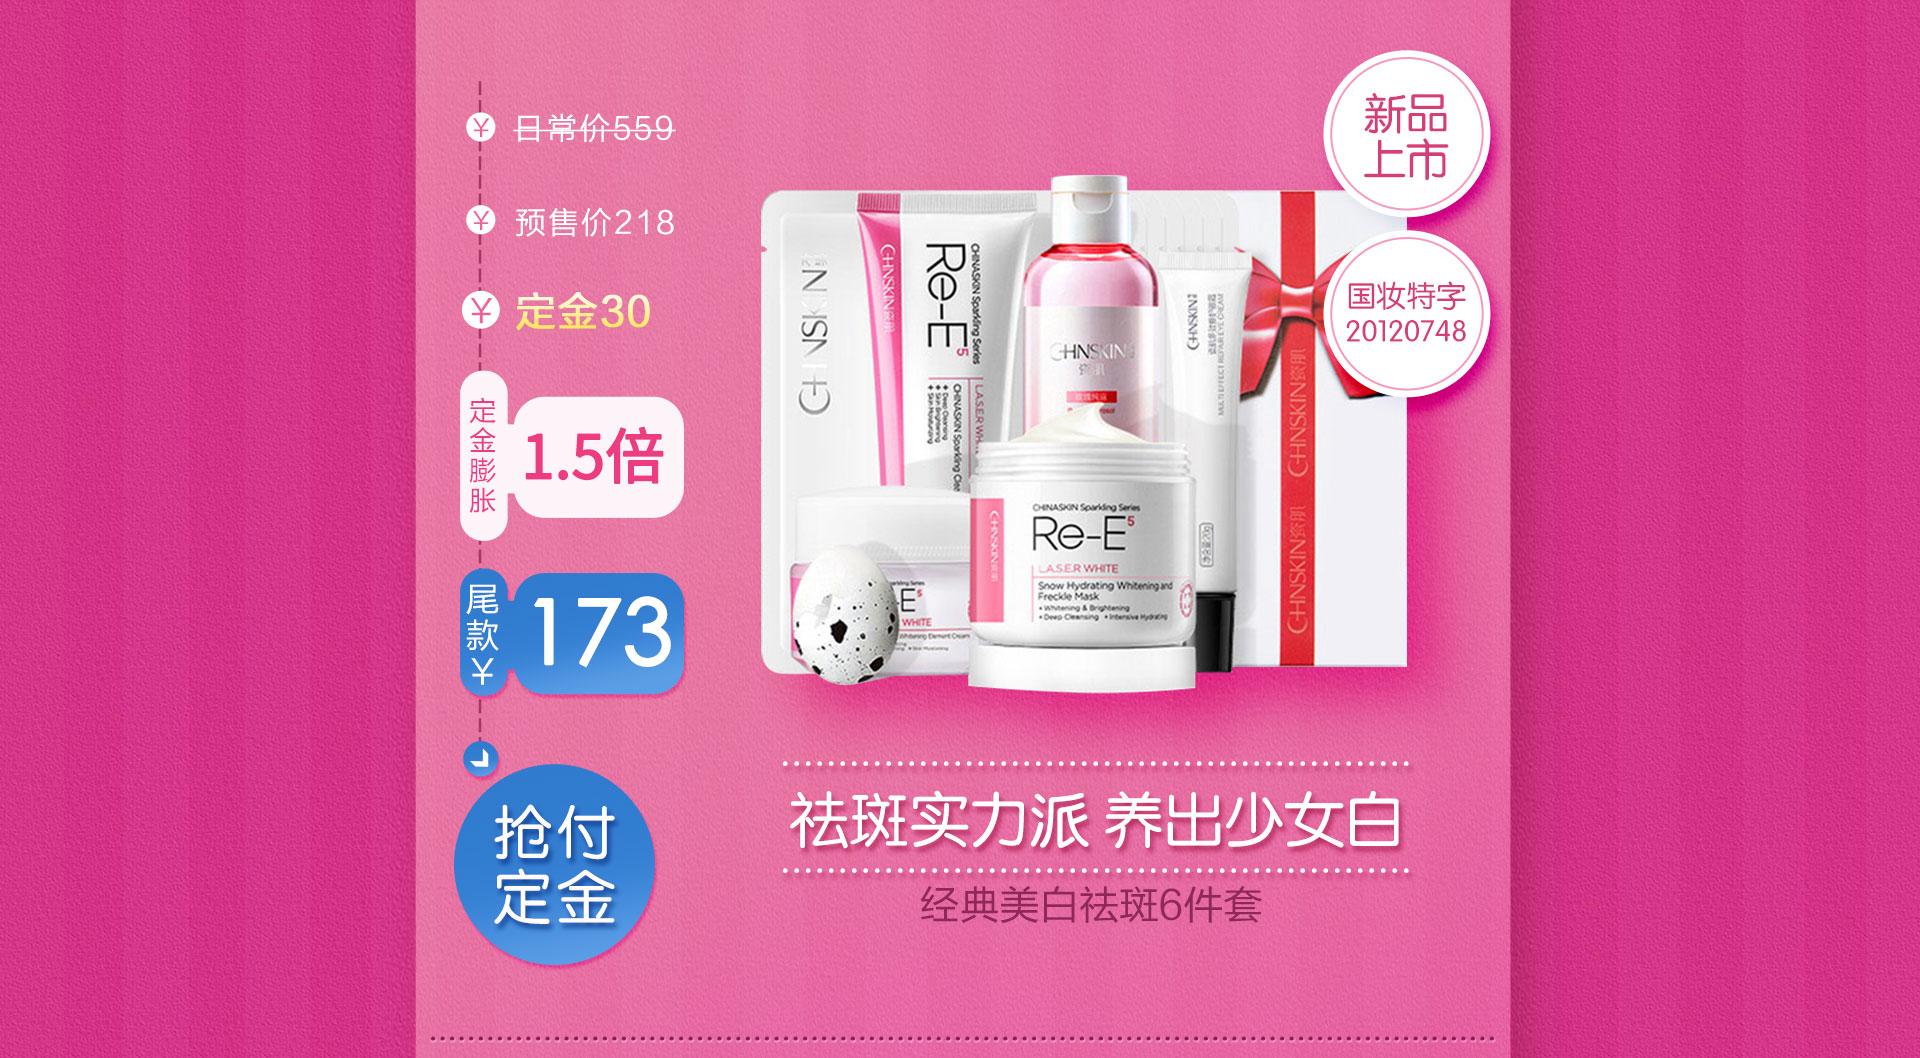 瓷肌官网正品网站_瓷肌官方旗舰店 - 京东